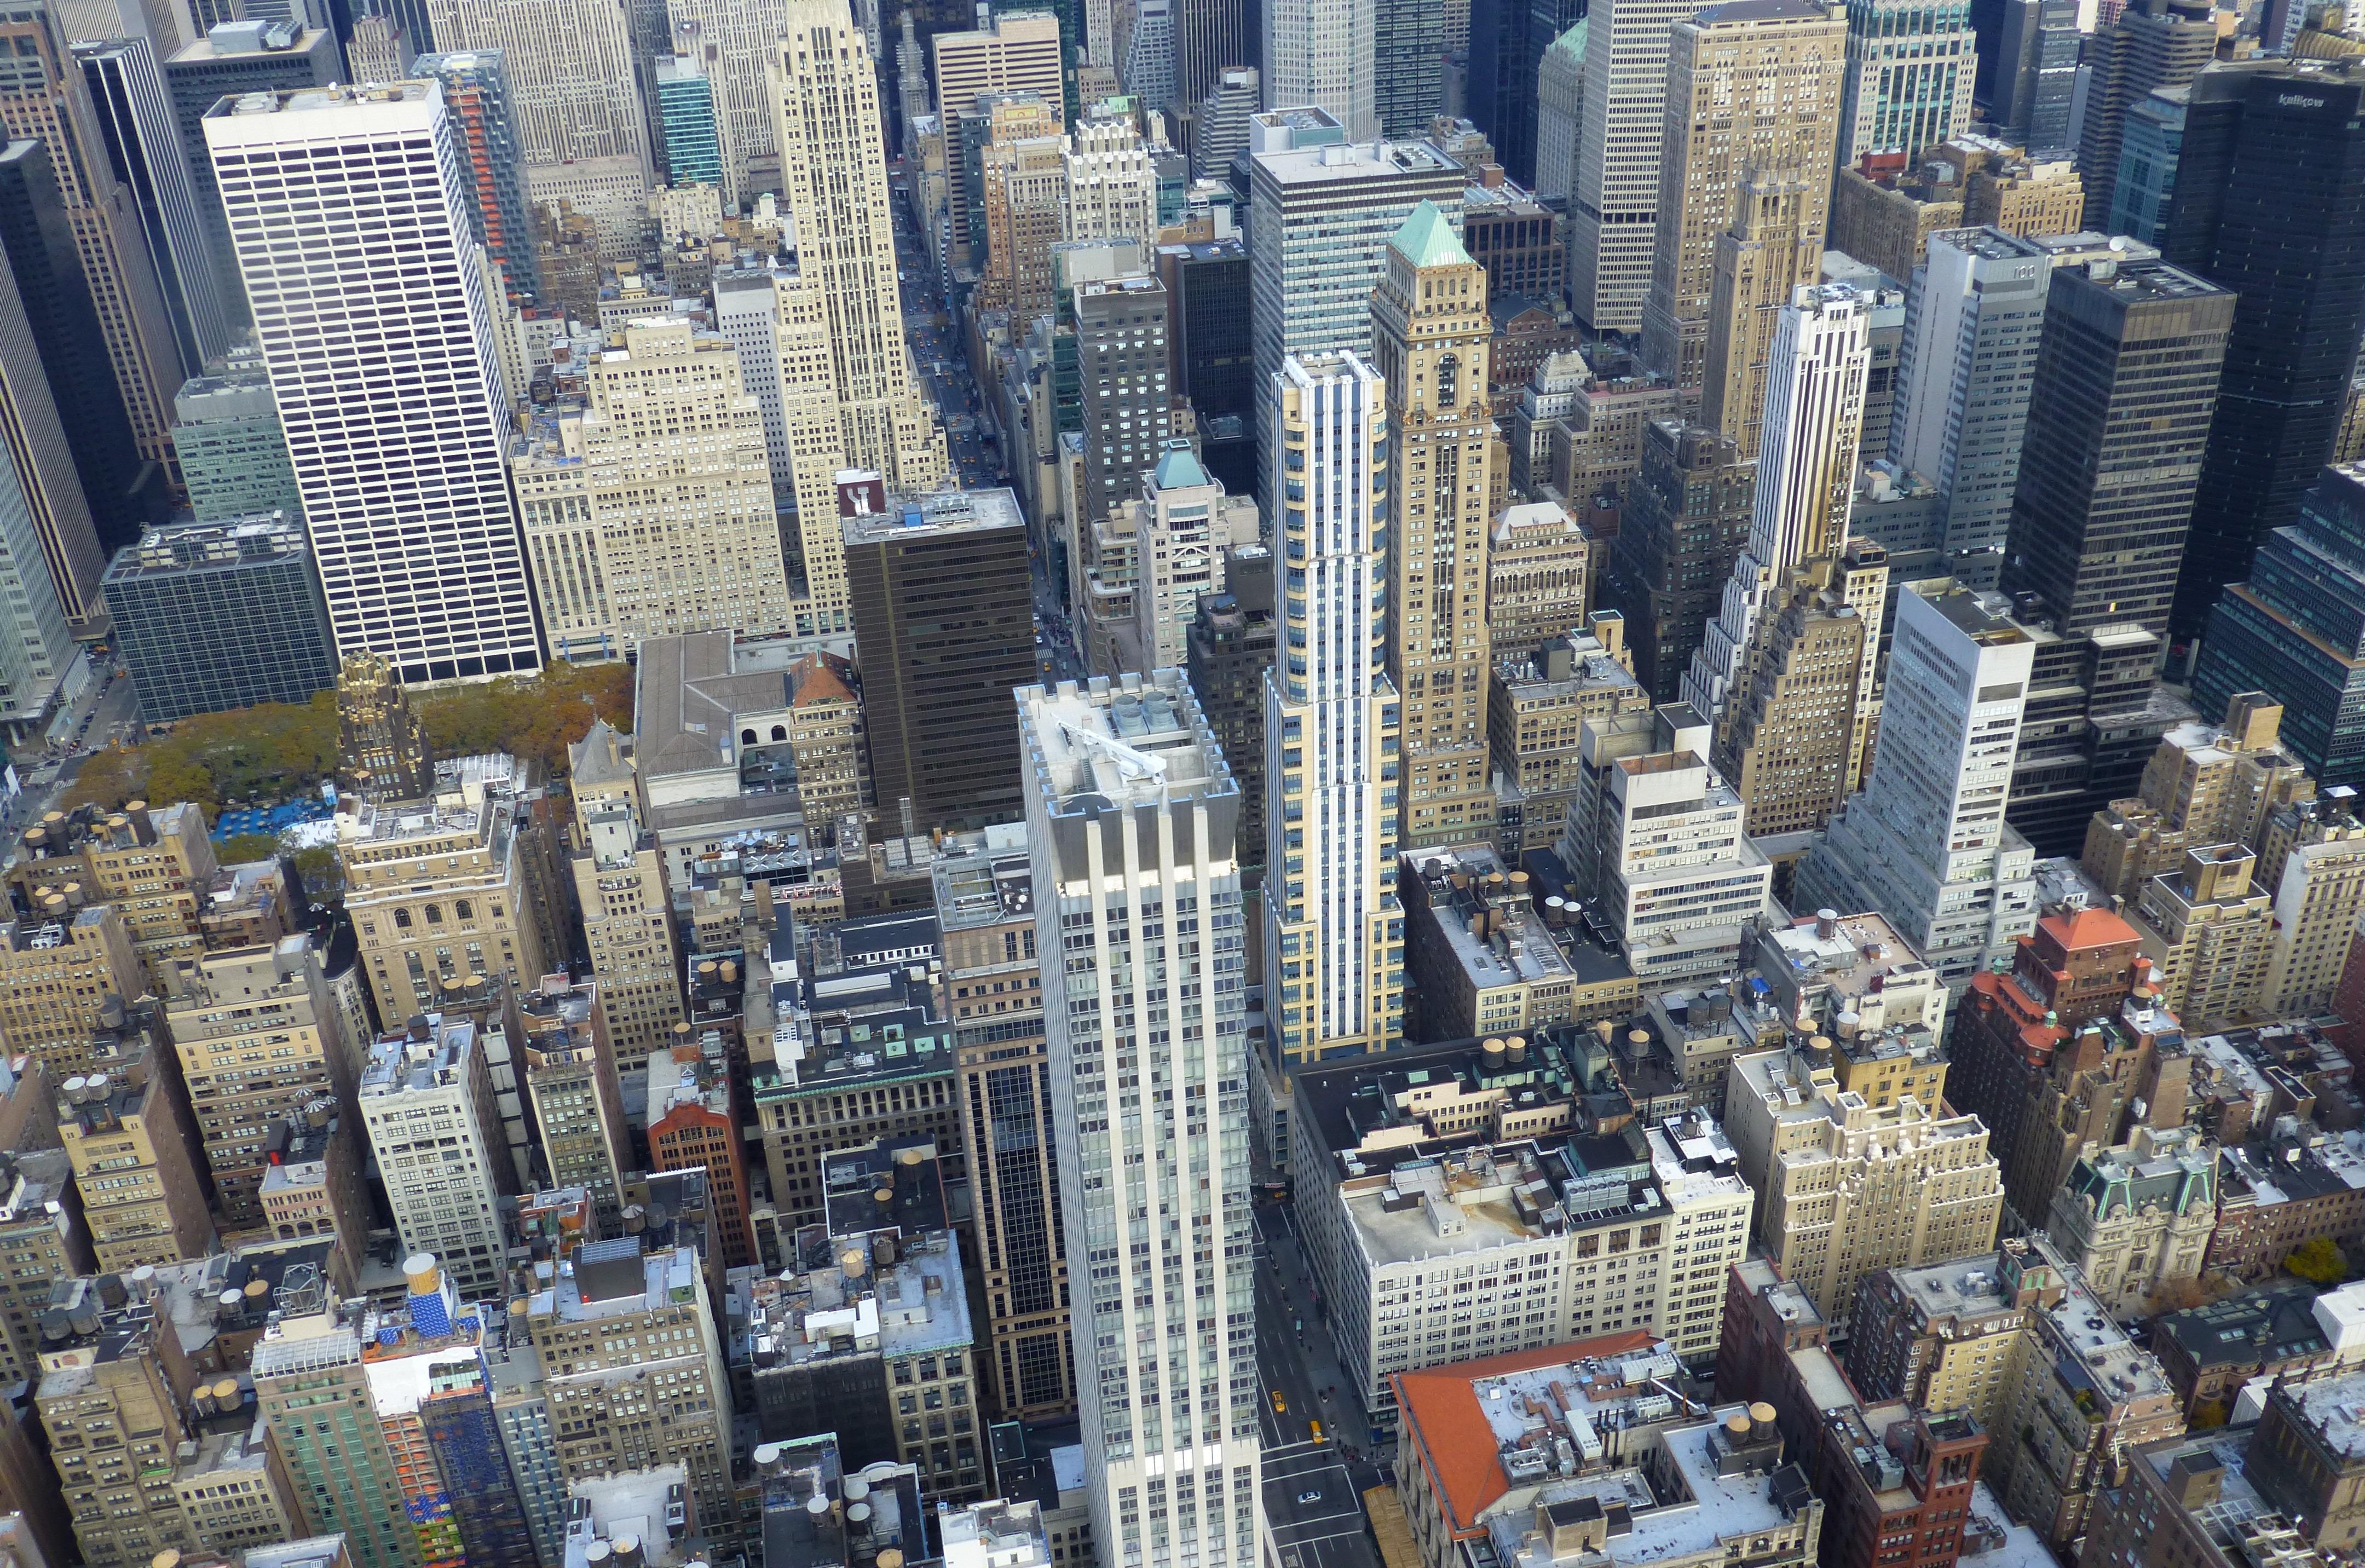 manhattan nueva york paisaje urbano panorama centro de la ciudad panormico torre america bloque de pisos estados unidos